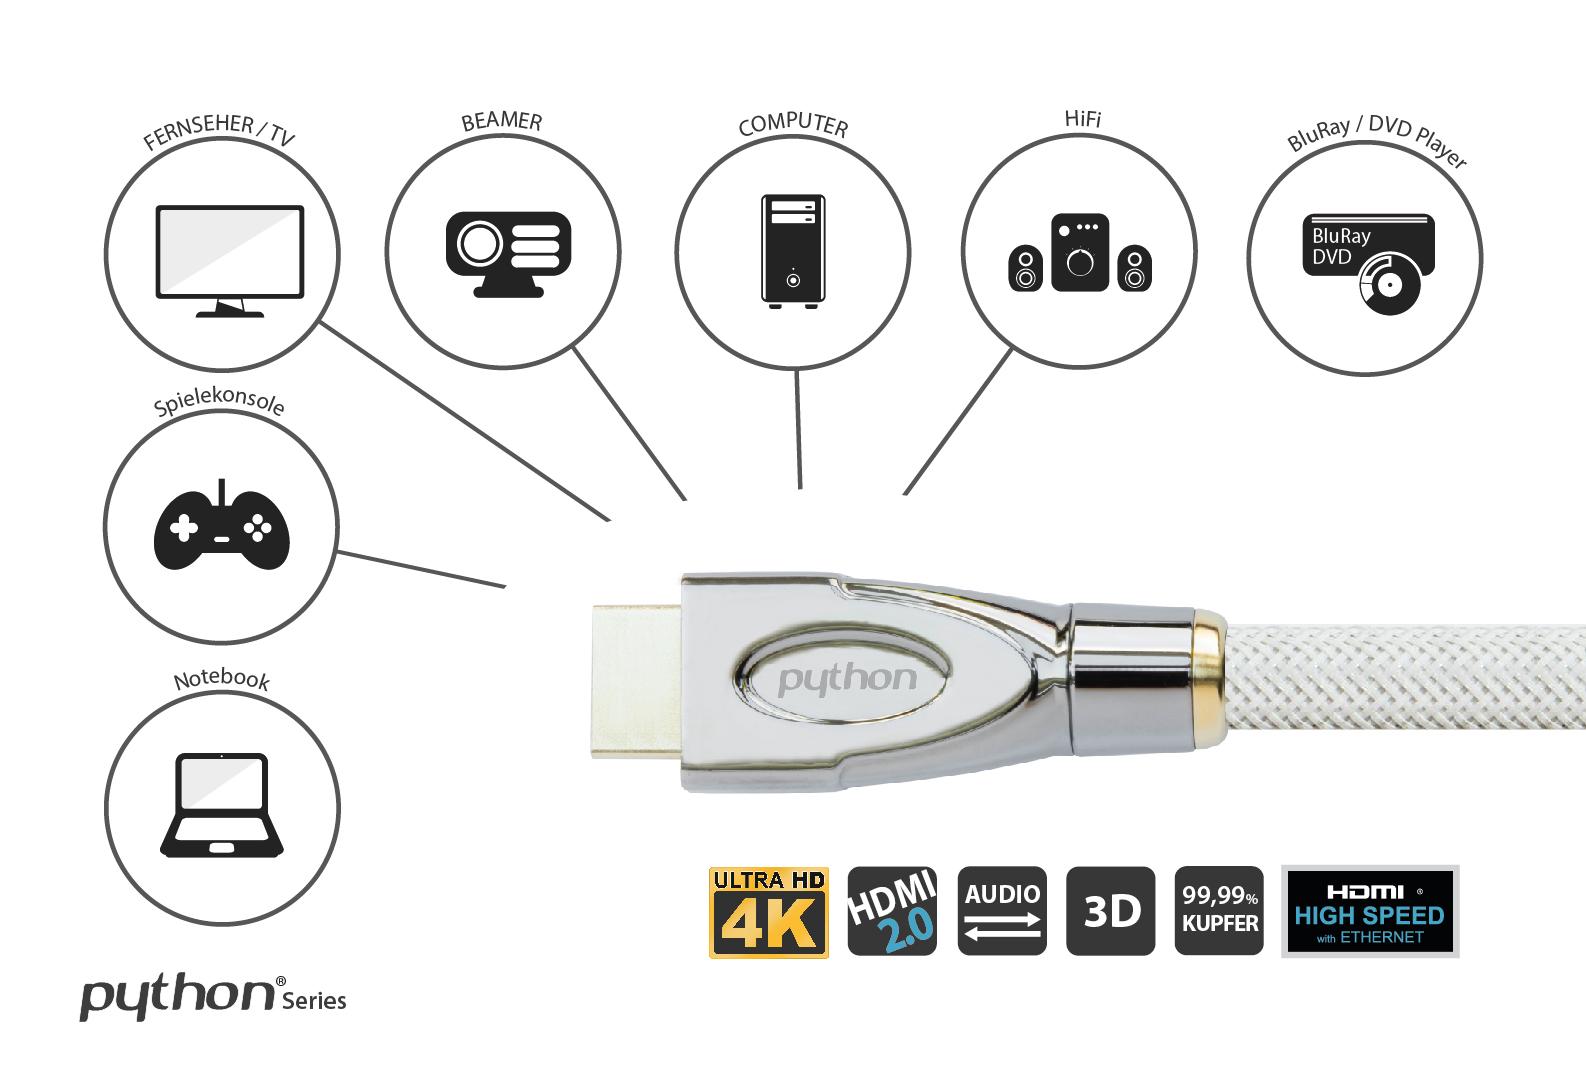 PYTHON® Series Anschlusskabel HDMI® 2.0 Kabel 4K2K / UHD 60Hz, vergoldete Kontakte, OFC, Nylongeflecht weiss, 1,5m